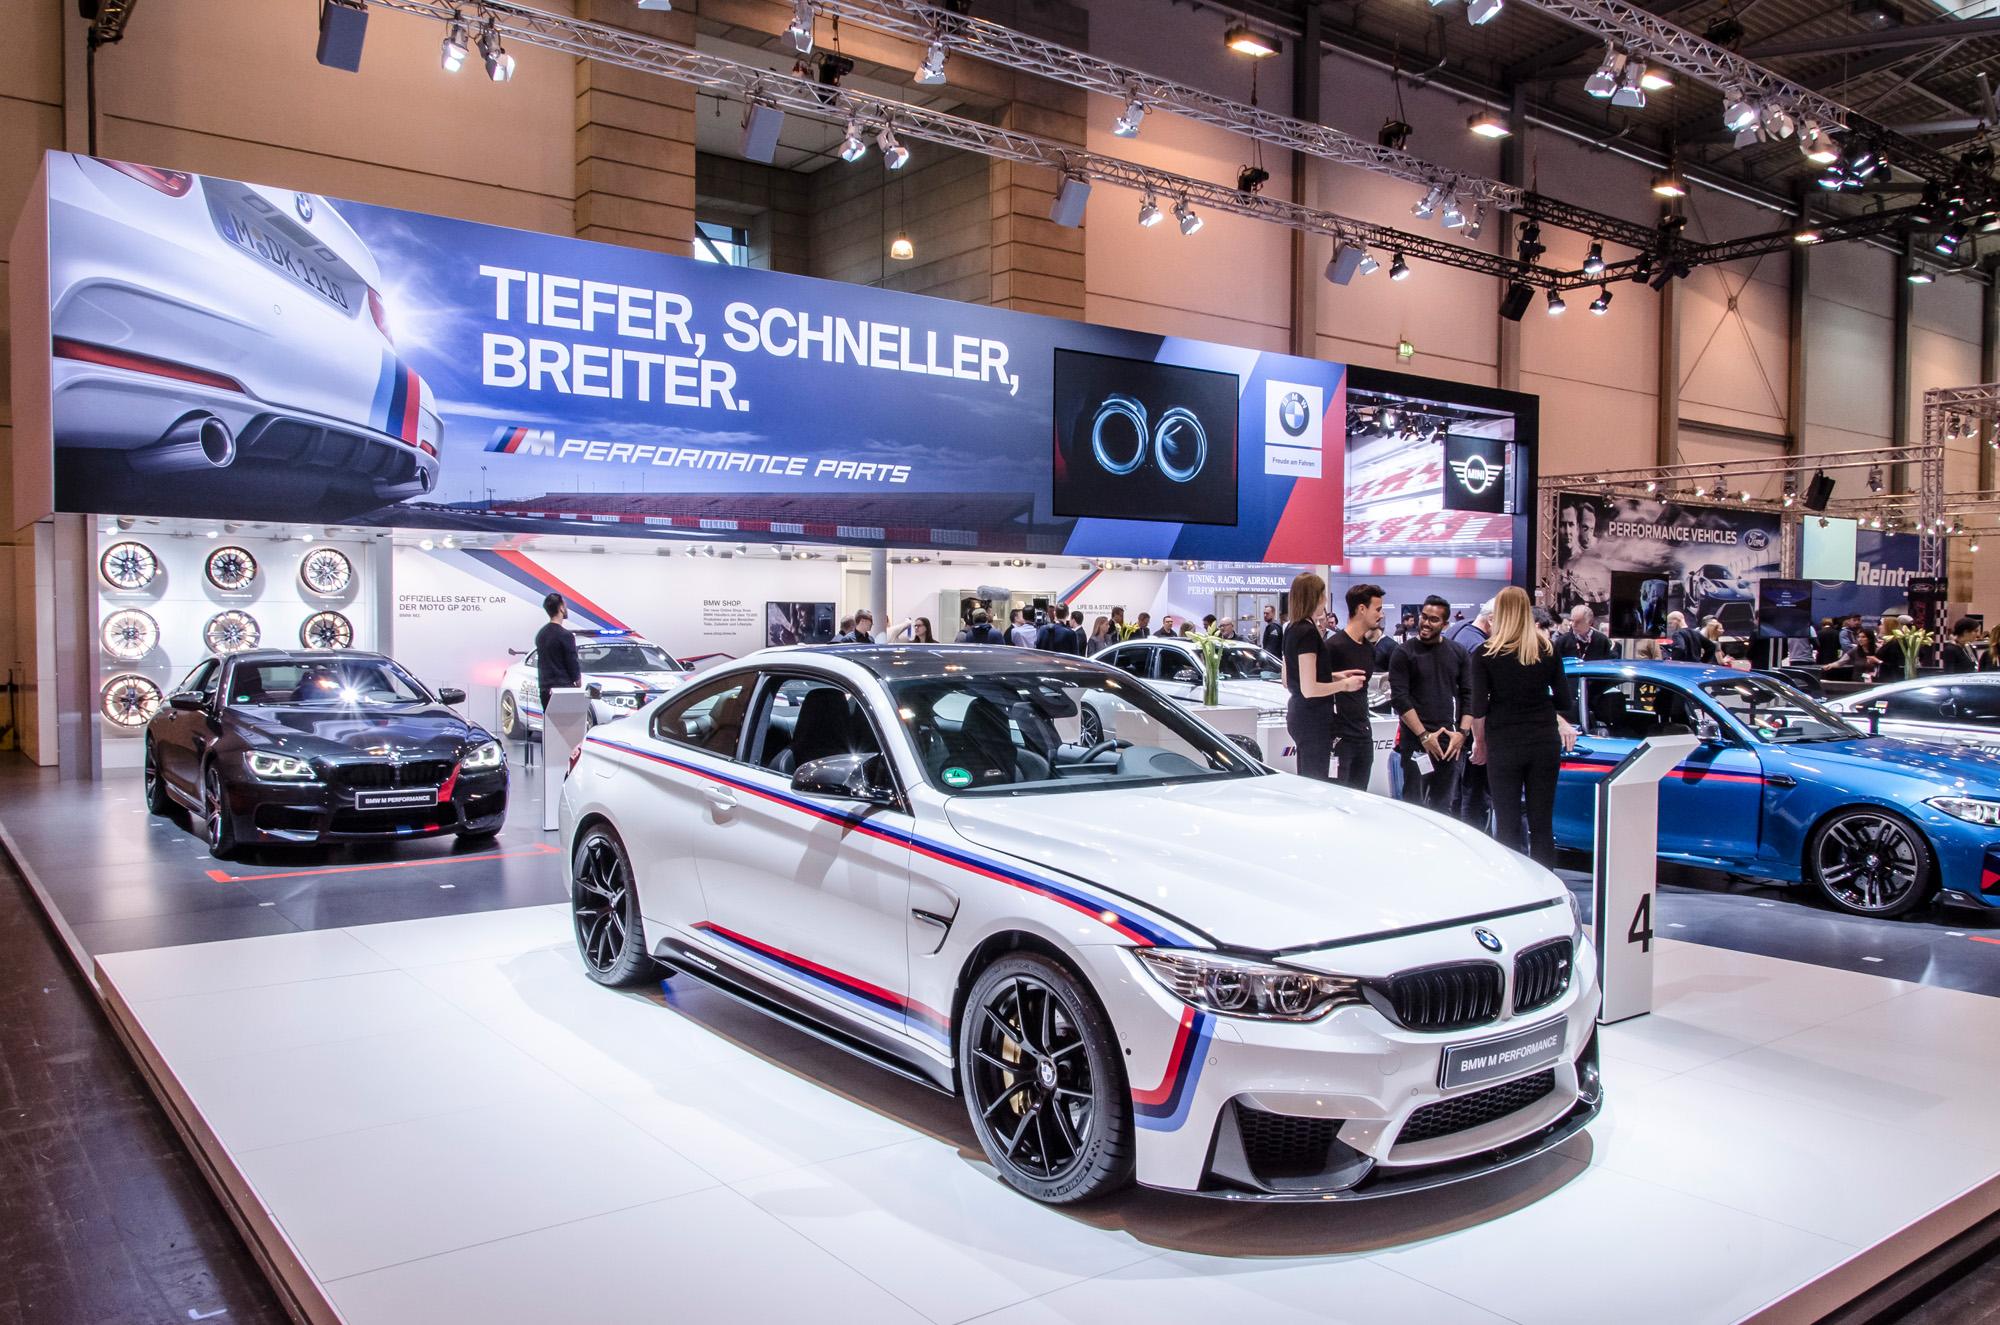 Nicht zu übersehen: Die neuen BMW M Performance-Pakete auf der Essen Motor Show 2016.